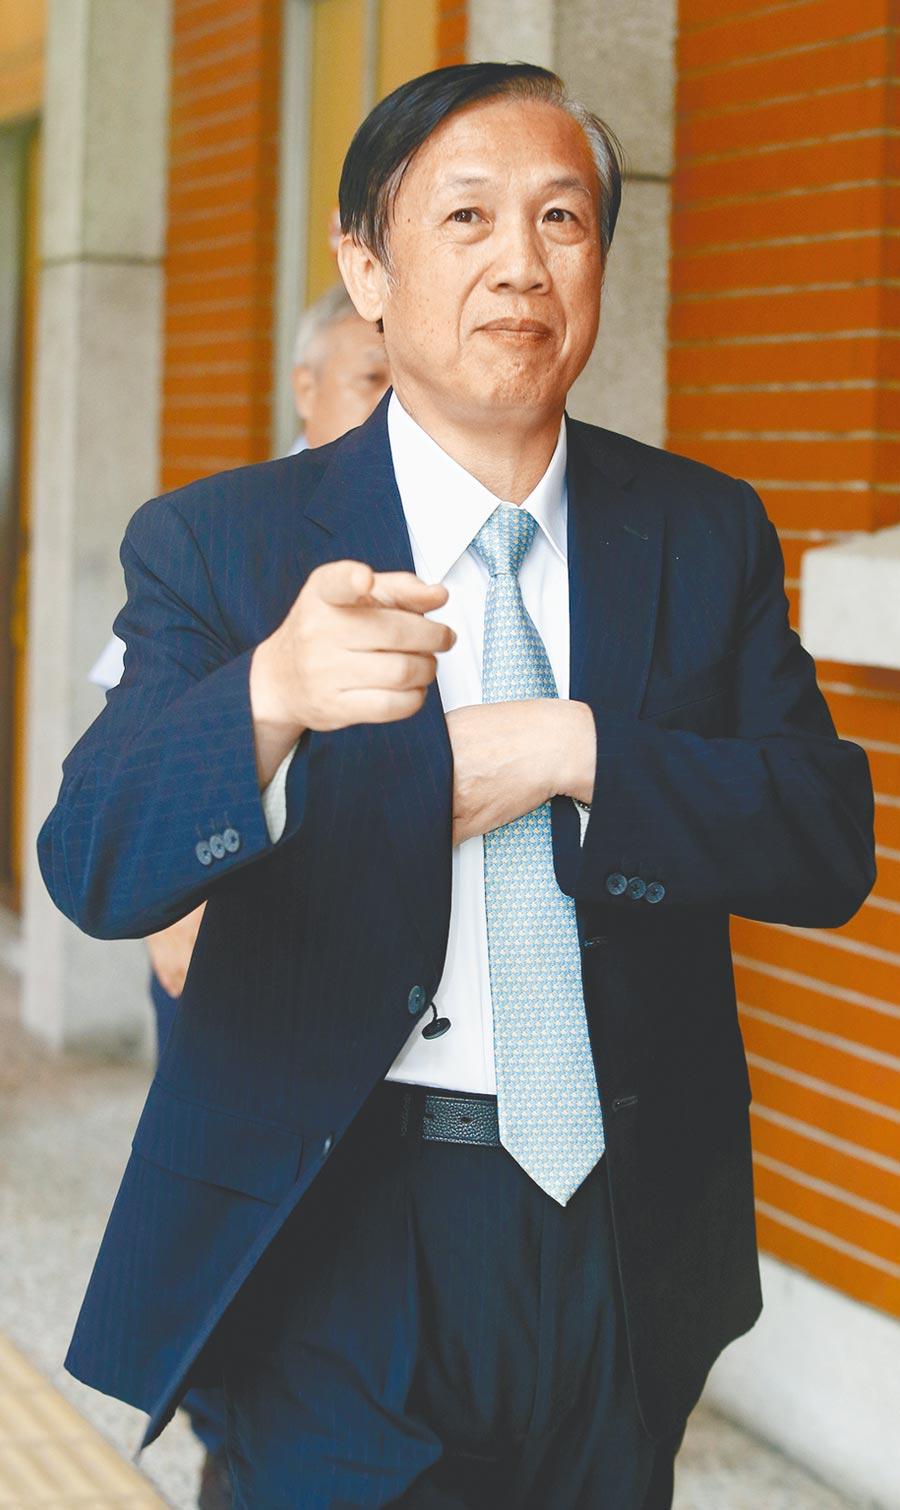 全國商業總會理事長賴正鎰針對反滲透法,建議民進黨三思,應待下任立委充分討論後再通過立法。(本報資料照片)